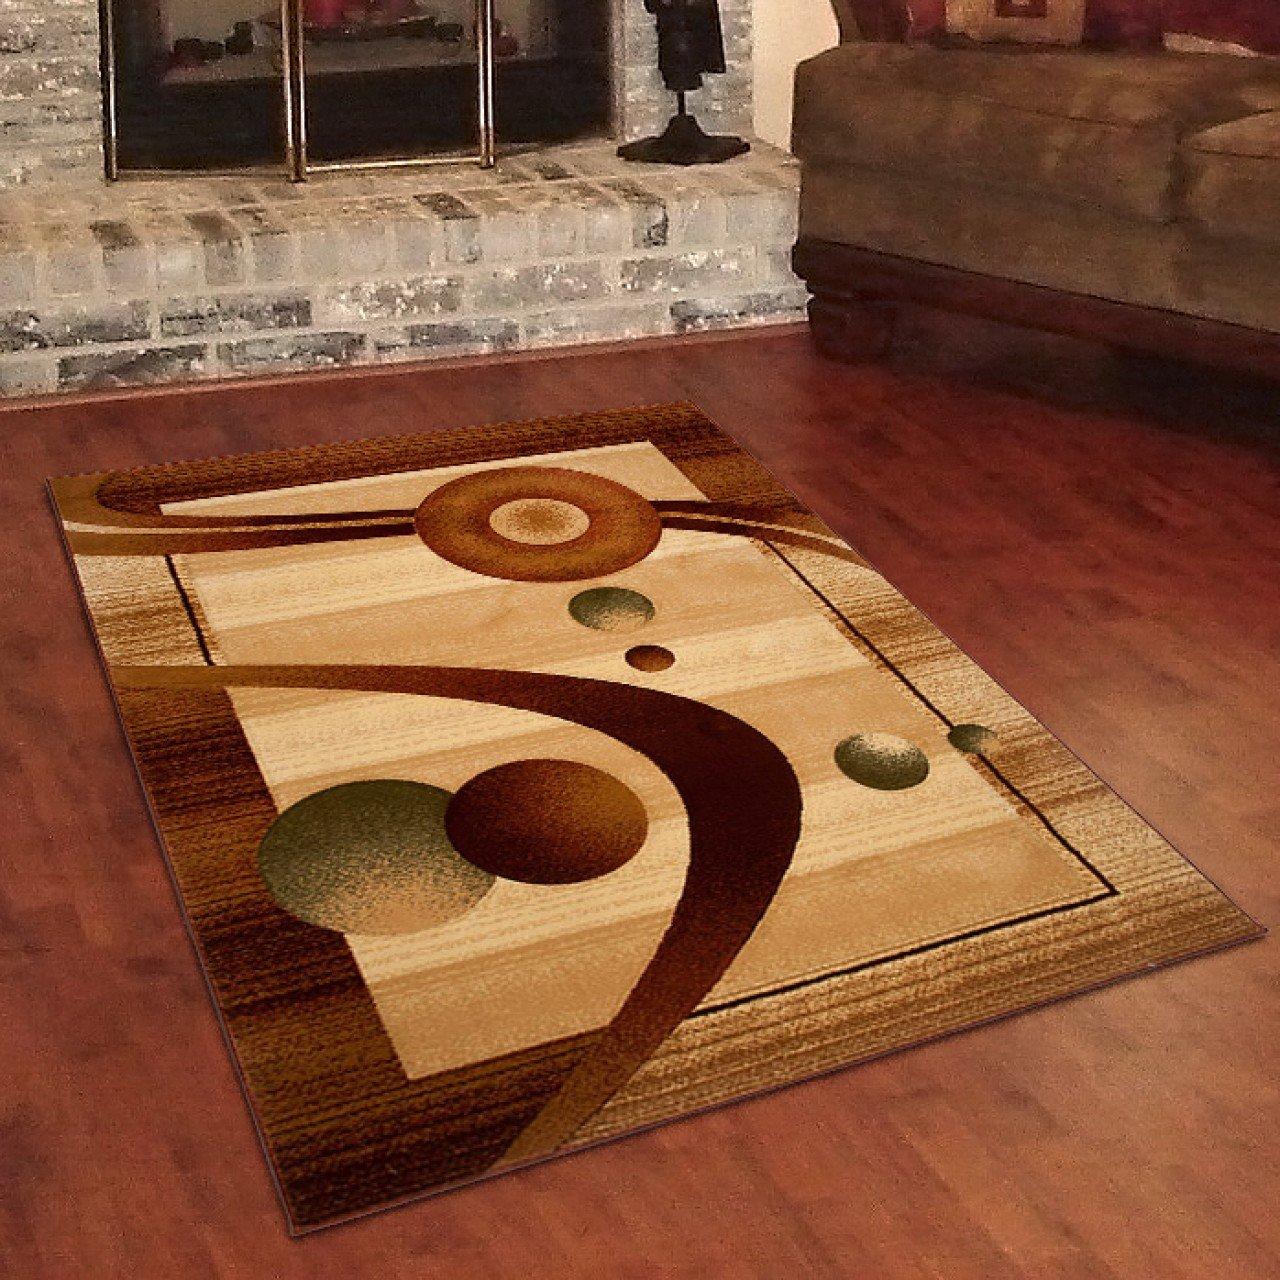 Designer Teppich Klassisch mit Konturenschnitt - Bordüre mit Weltall 3D Muster BEIGE - Beste Qualität -Roma Kollektion 200 x 290 cm